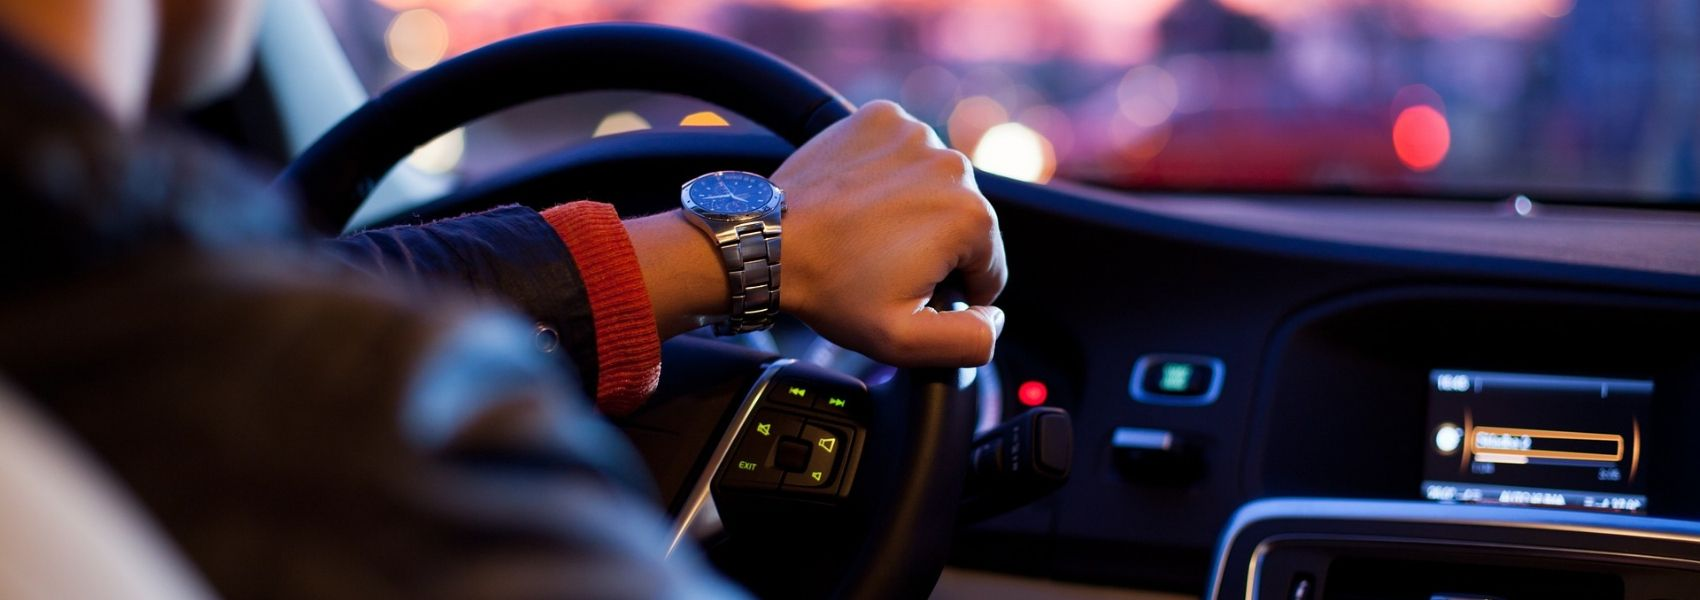 Volante criado em Aveiro alerta condutores em caso de fadiga